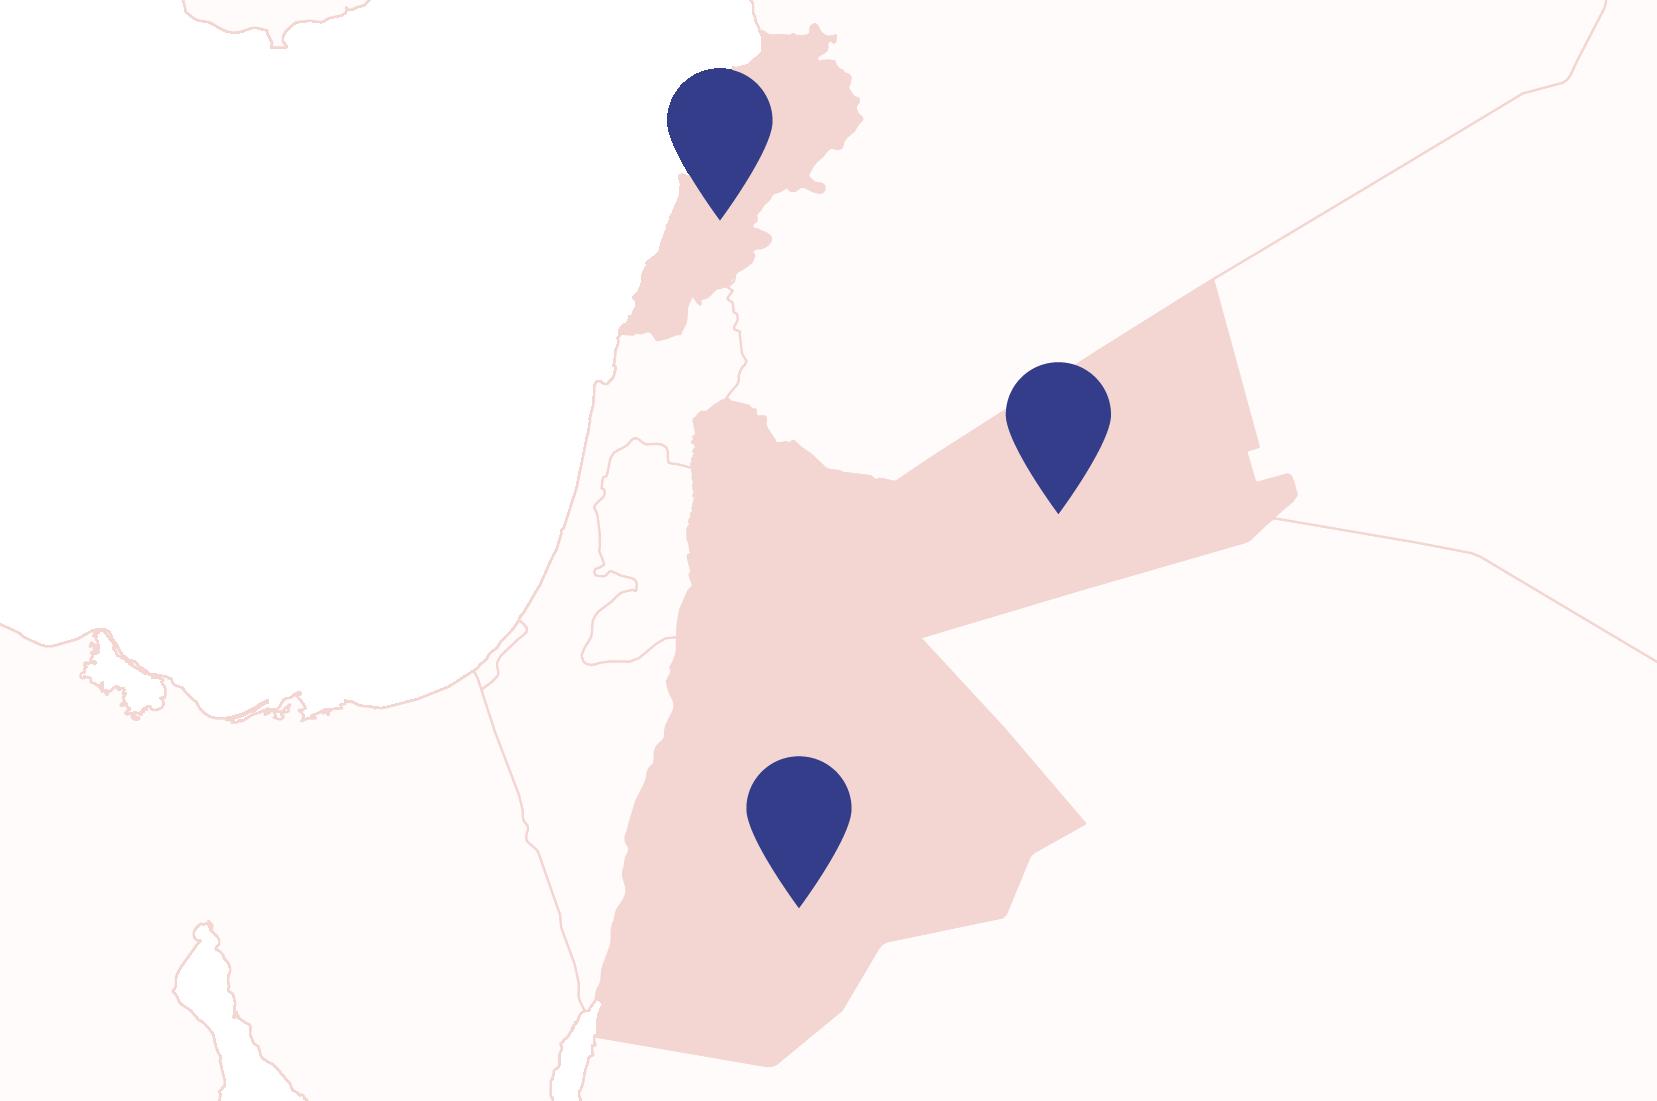 Map showing Jordan and Lebanon